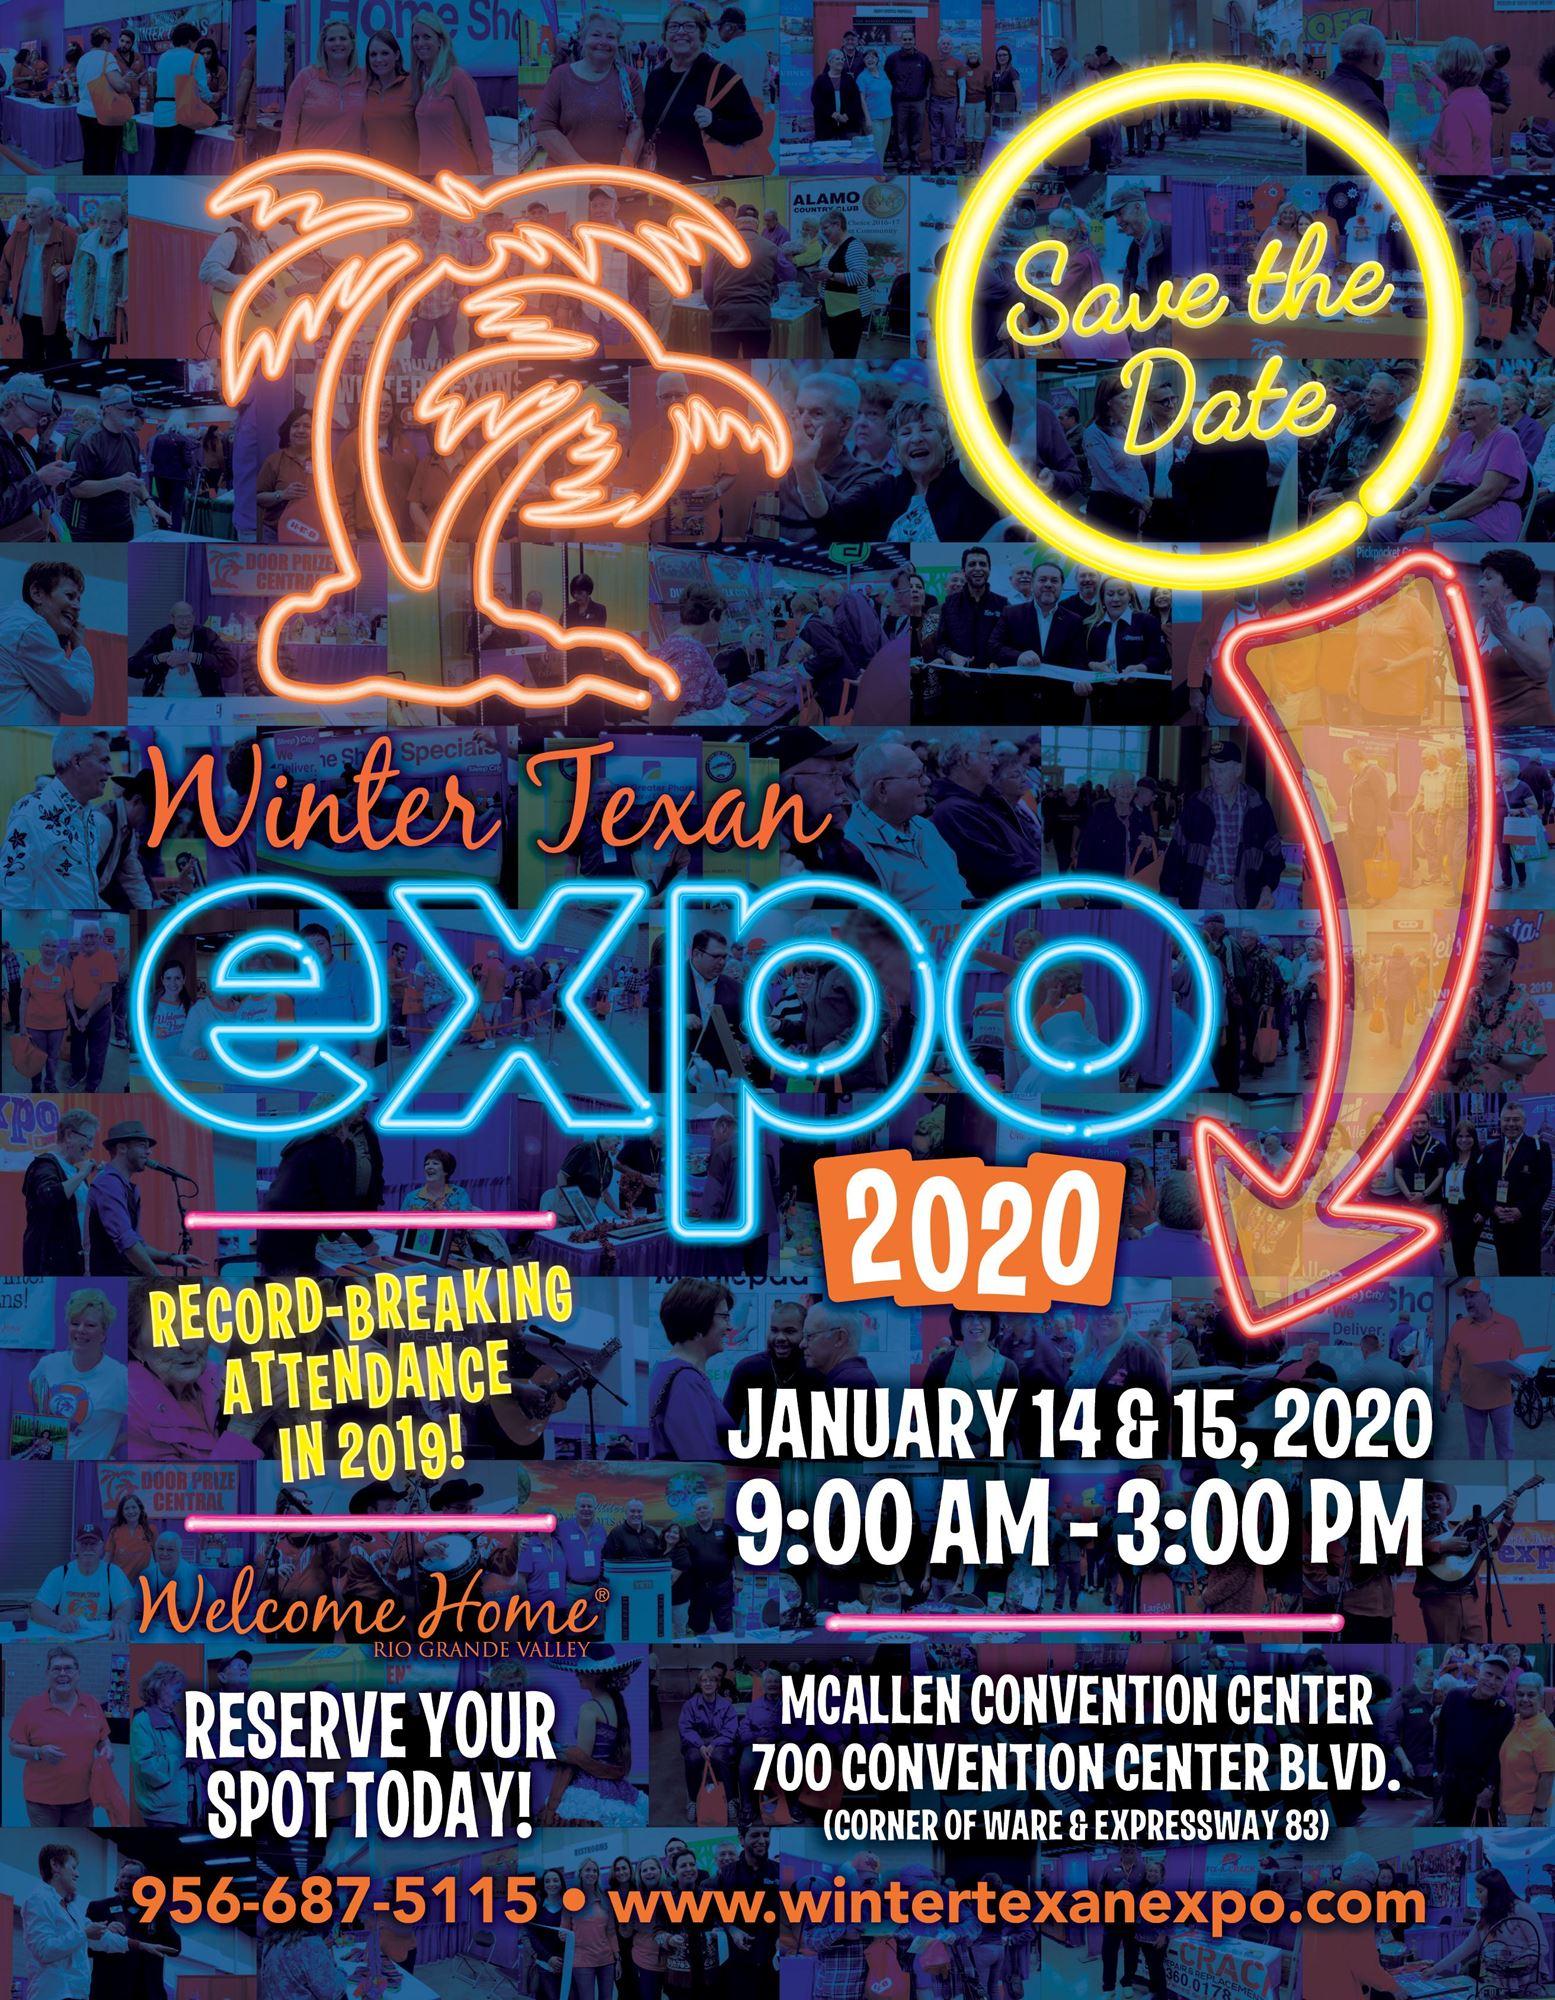 Winter Texan Expo